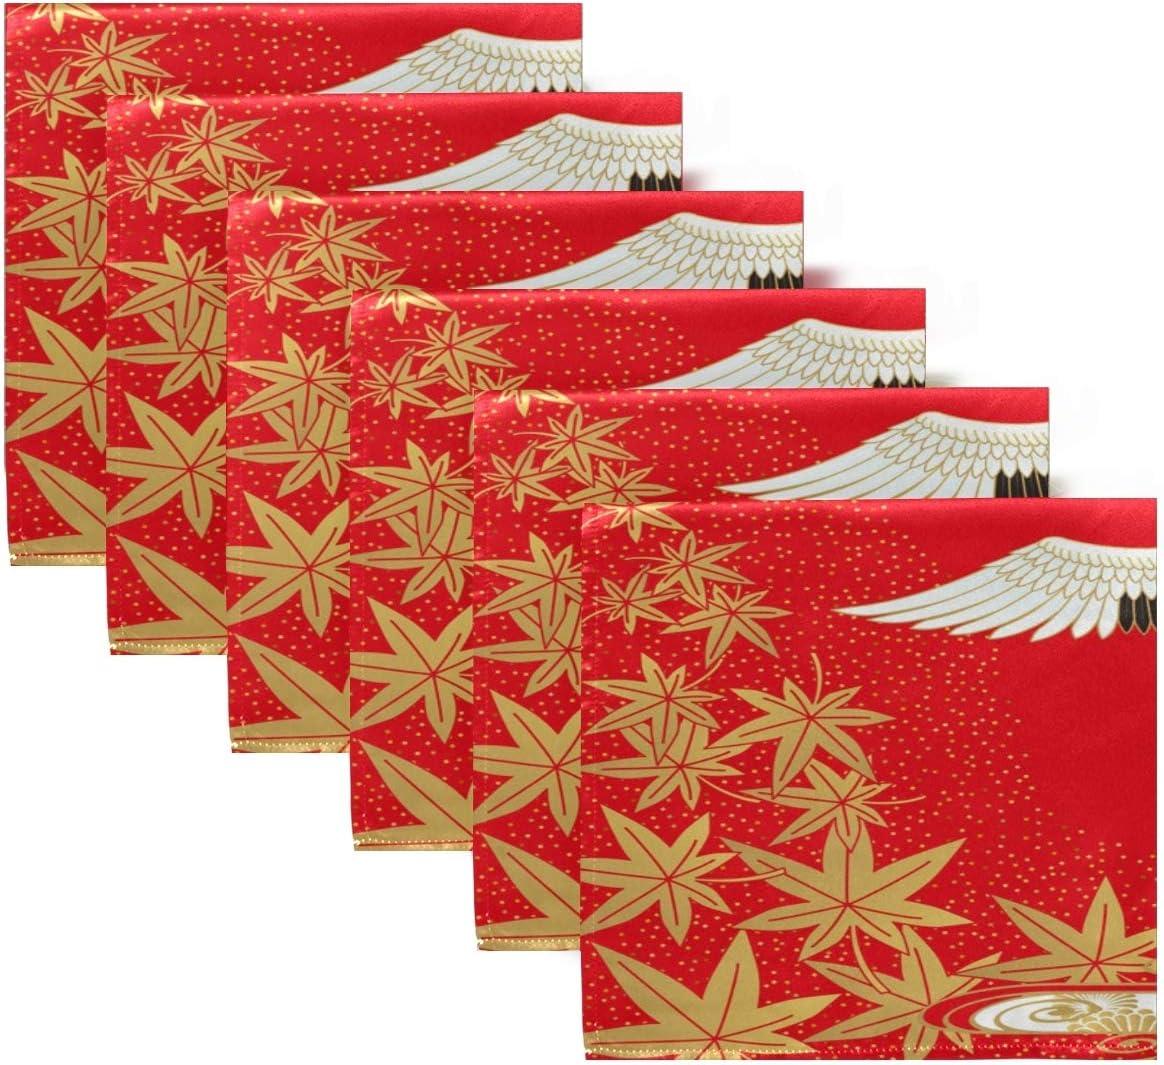 h/ôtel mariage iRoad Serviettes de table r/éutilisables Grue japonaise en /érable cerisier pour maison lot de 1 serviette de table 20 x 50,8 cm cuisine salle /à manger